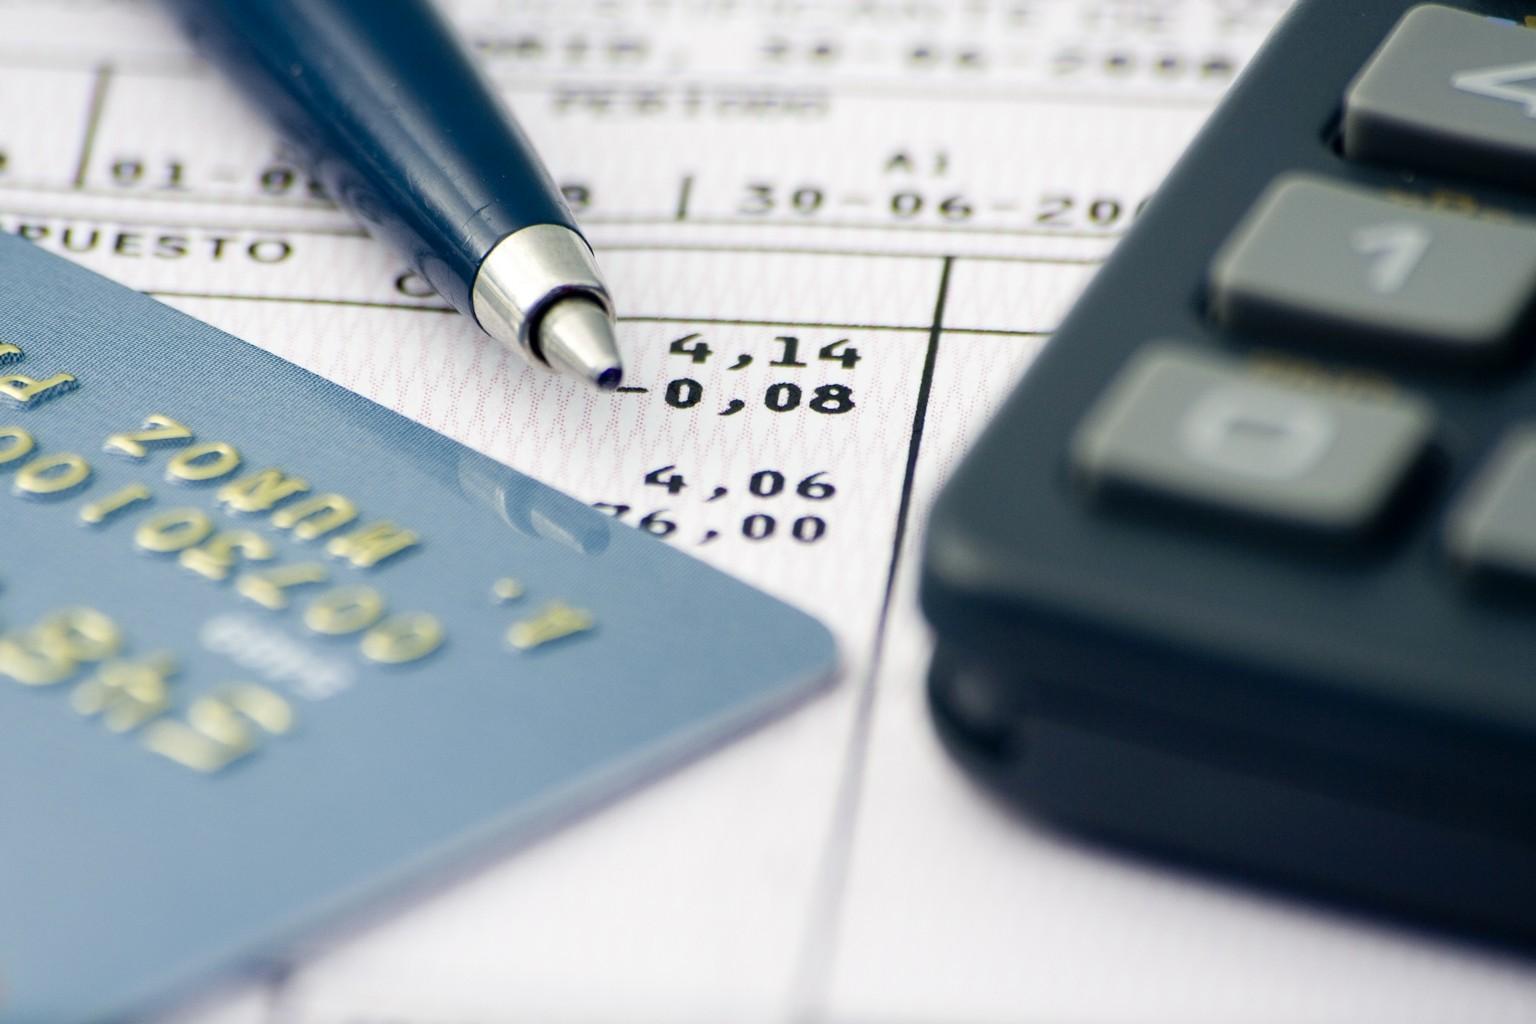 assurance pret immobilier : ce qu'elle apporte de plus